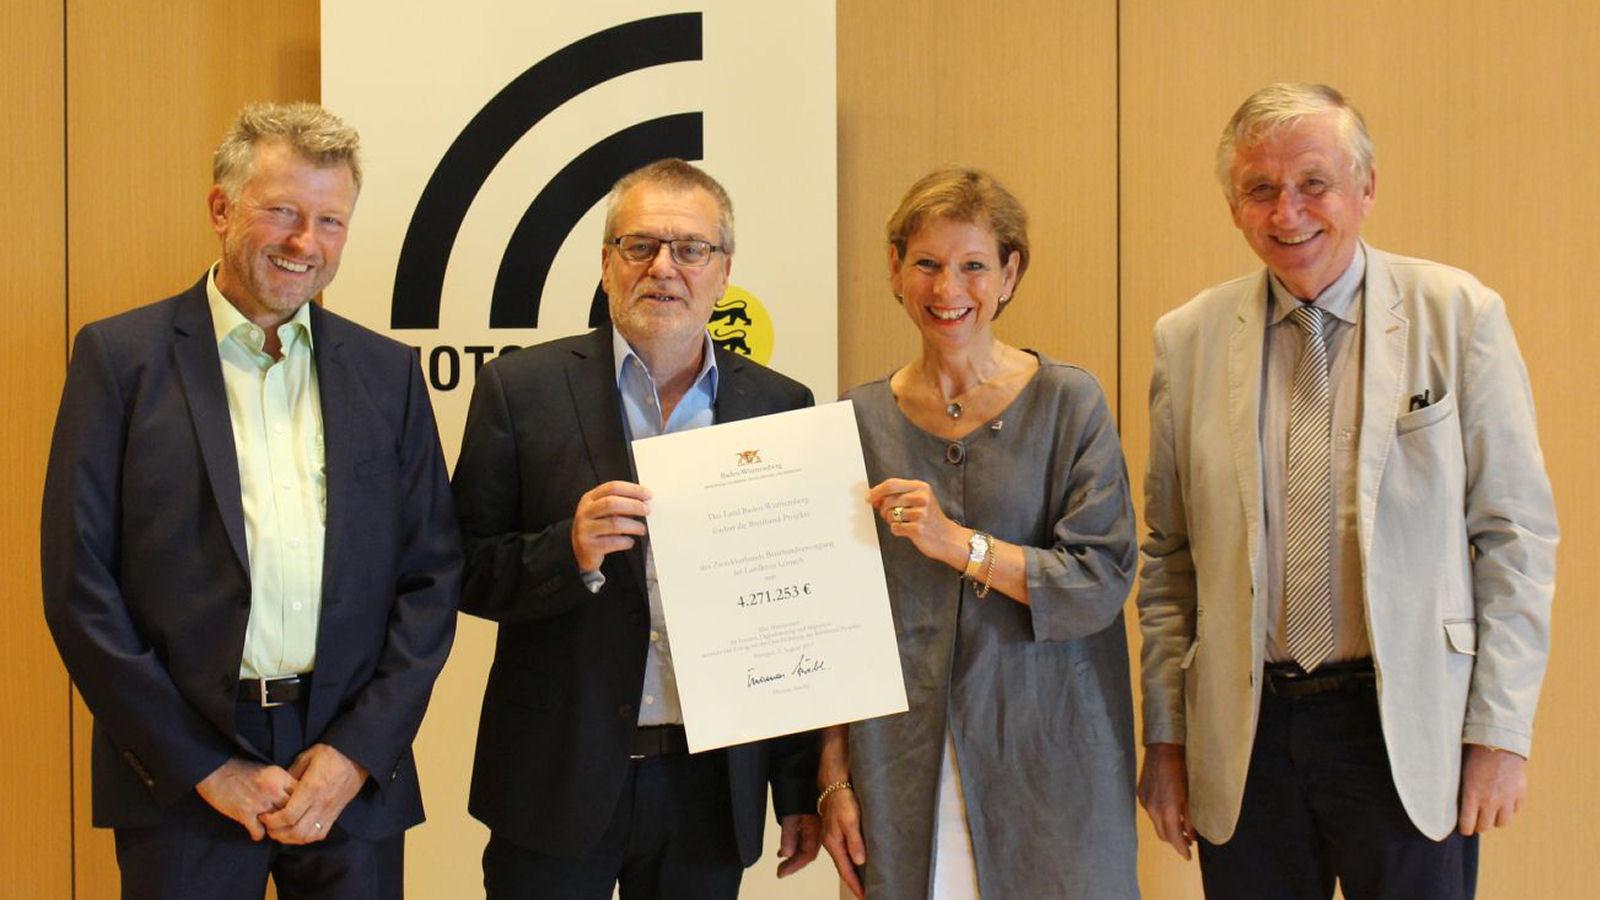 Ministerialdirektor Julian Würtenberger (r.) überreicht Landrätin Marion Dammann und den Bürgermeistern Schönbett (Kleines Wiesental, links im Bild) und Lais (Bürgermeister Utzenfeld, 2. von links) den Förderbescheid für den Zweckverband.